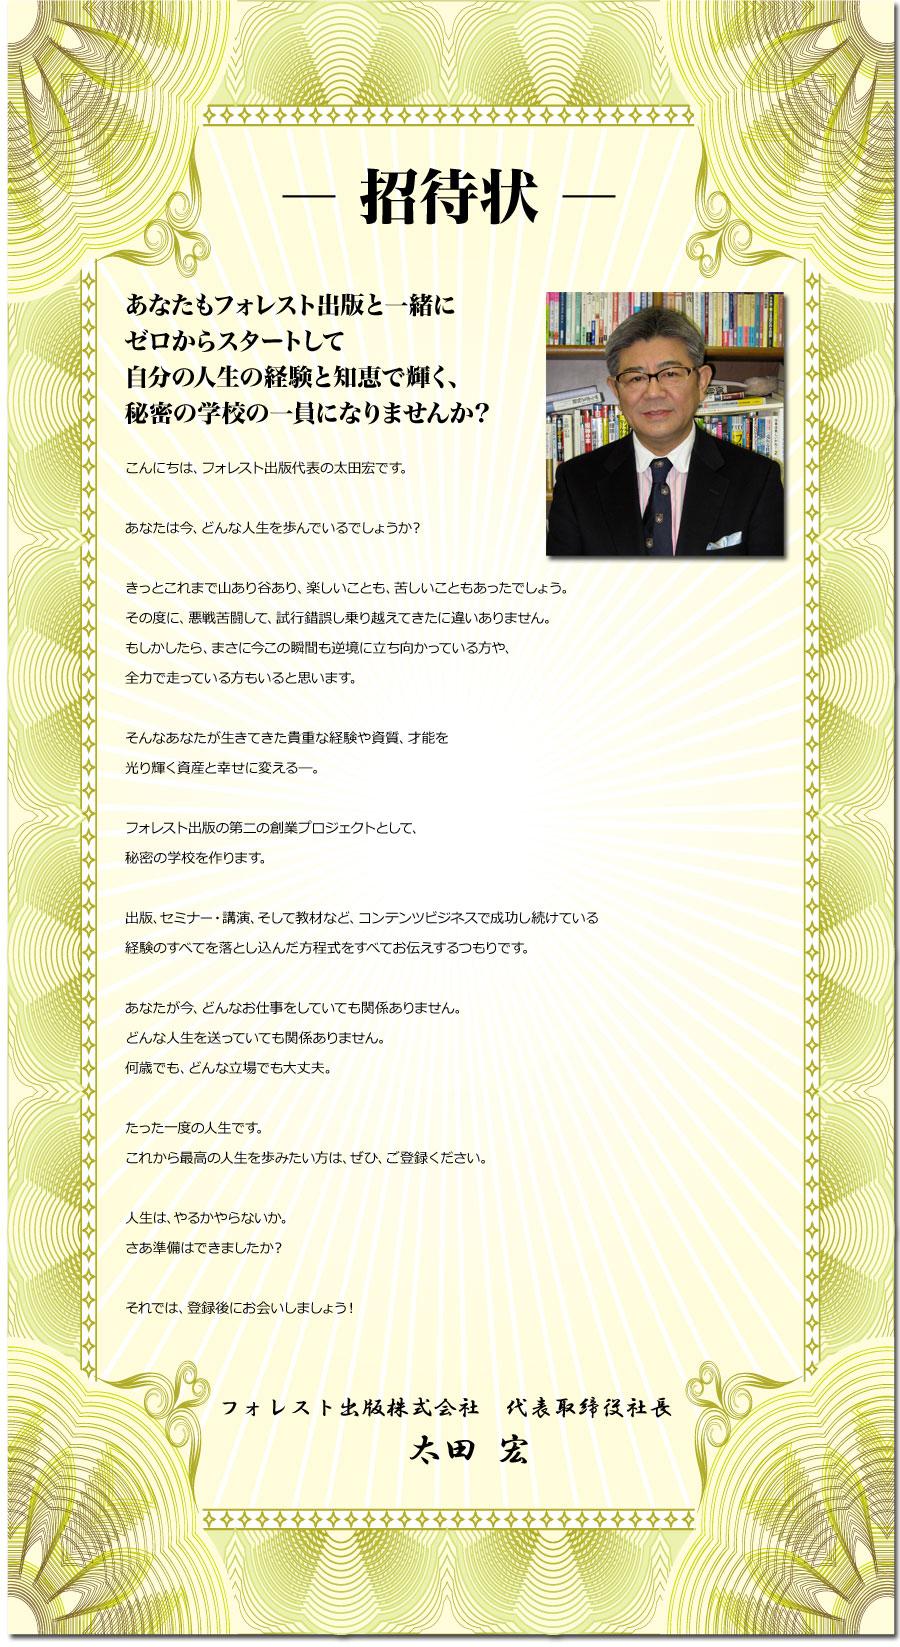 《新着あり》マサモト株式会社の求人/転職/採用情報|転職会議